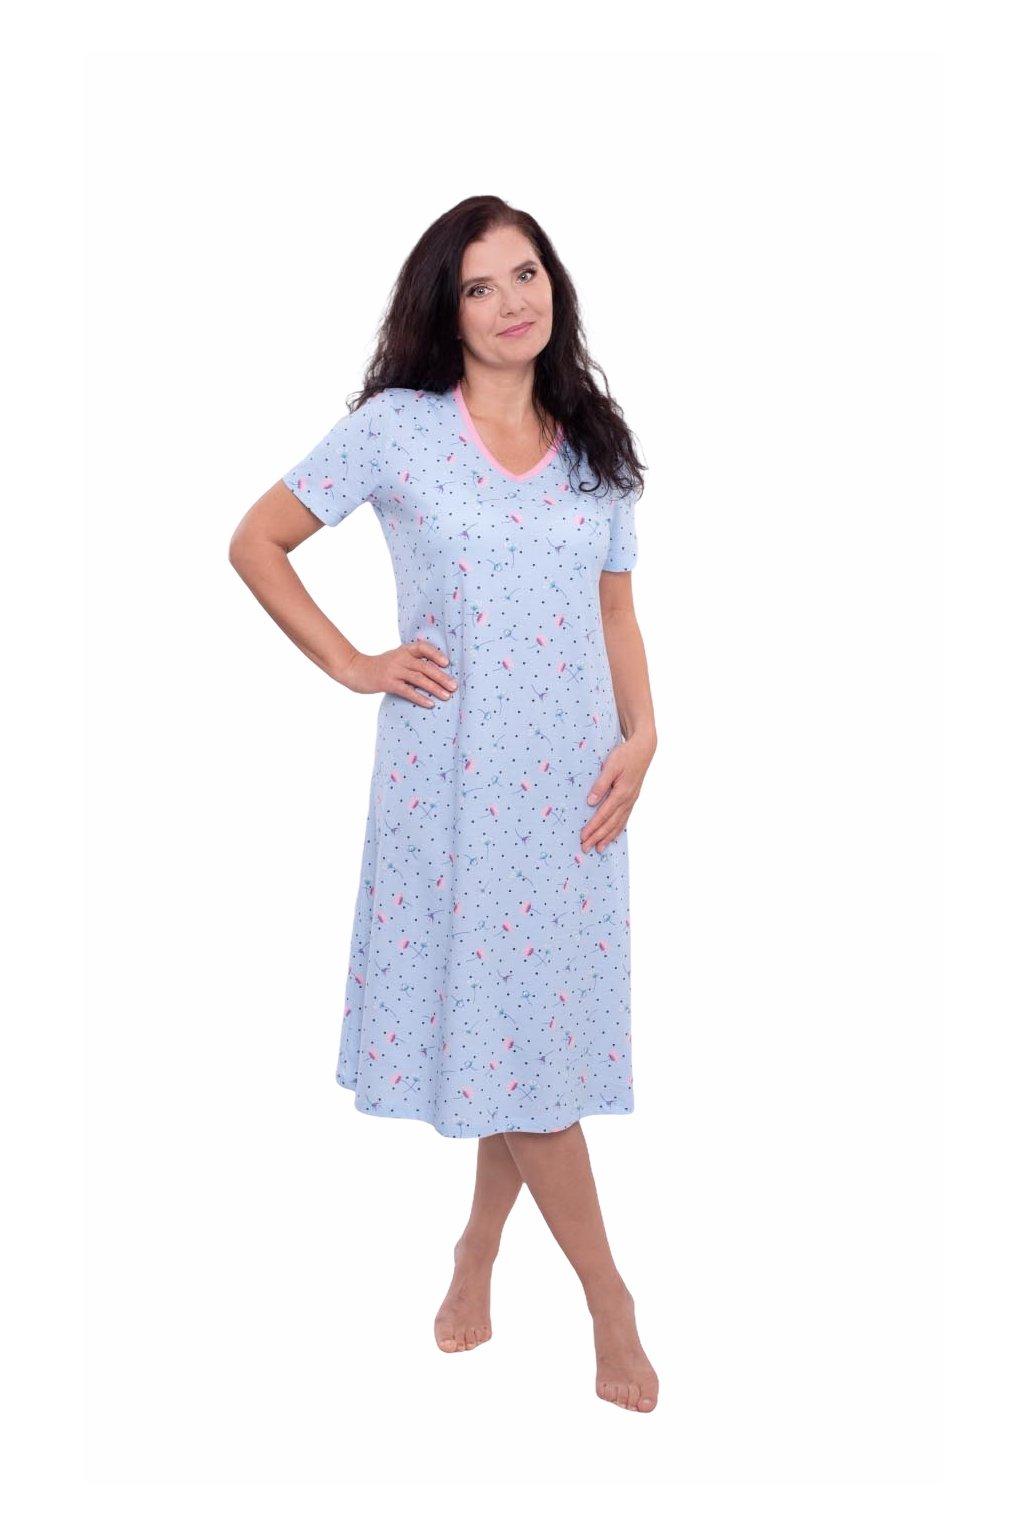 Dámská noční košile s krátkým rukávem, 104572 167, modrá